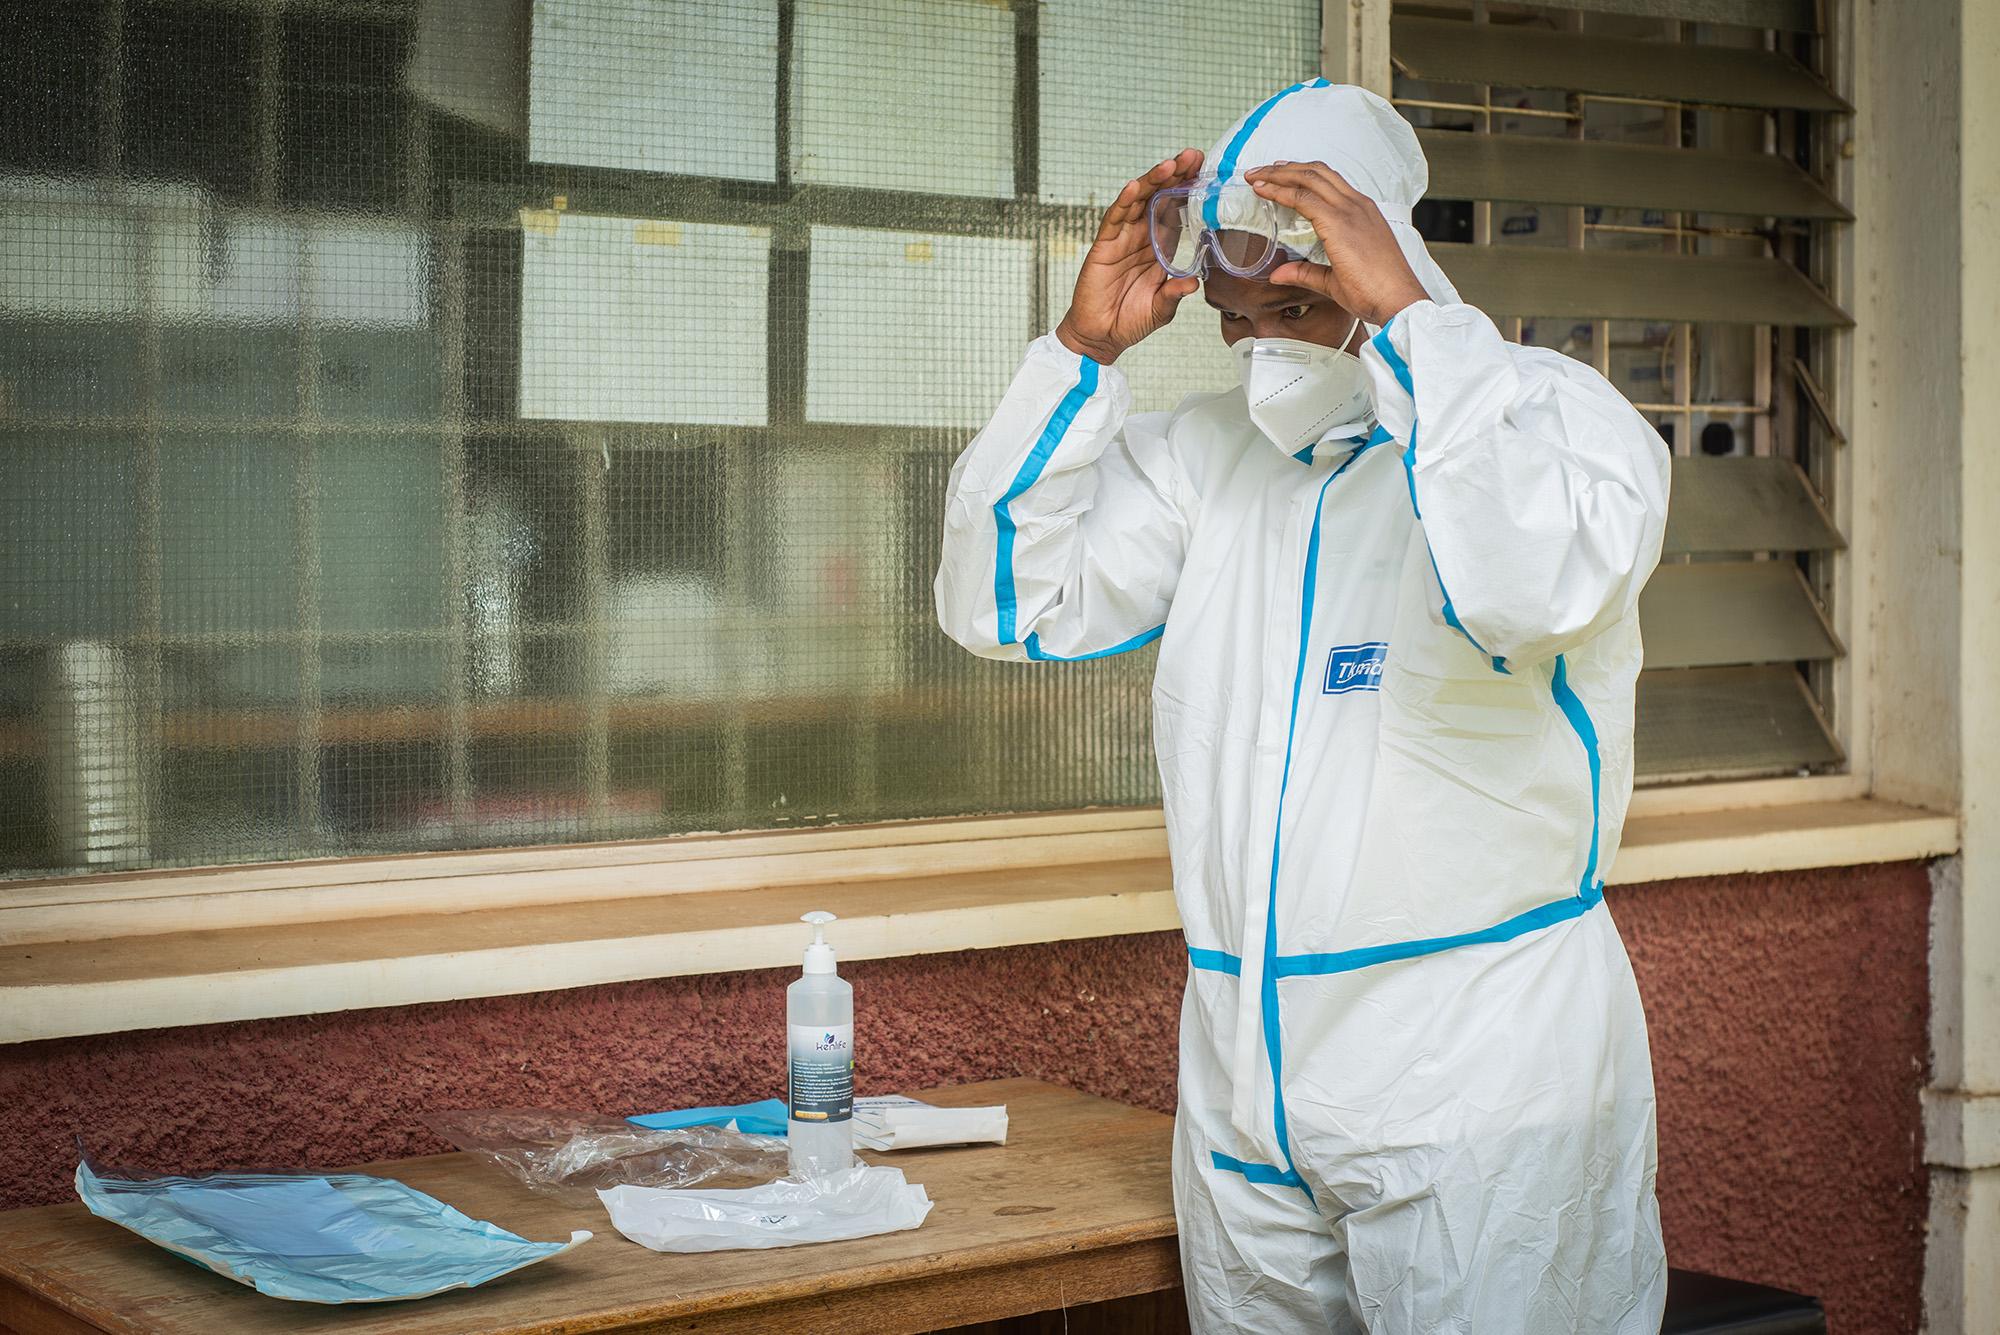 Health worker dons PPE in Kenya.